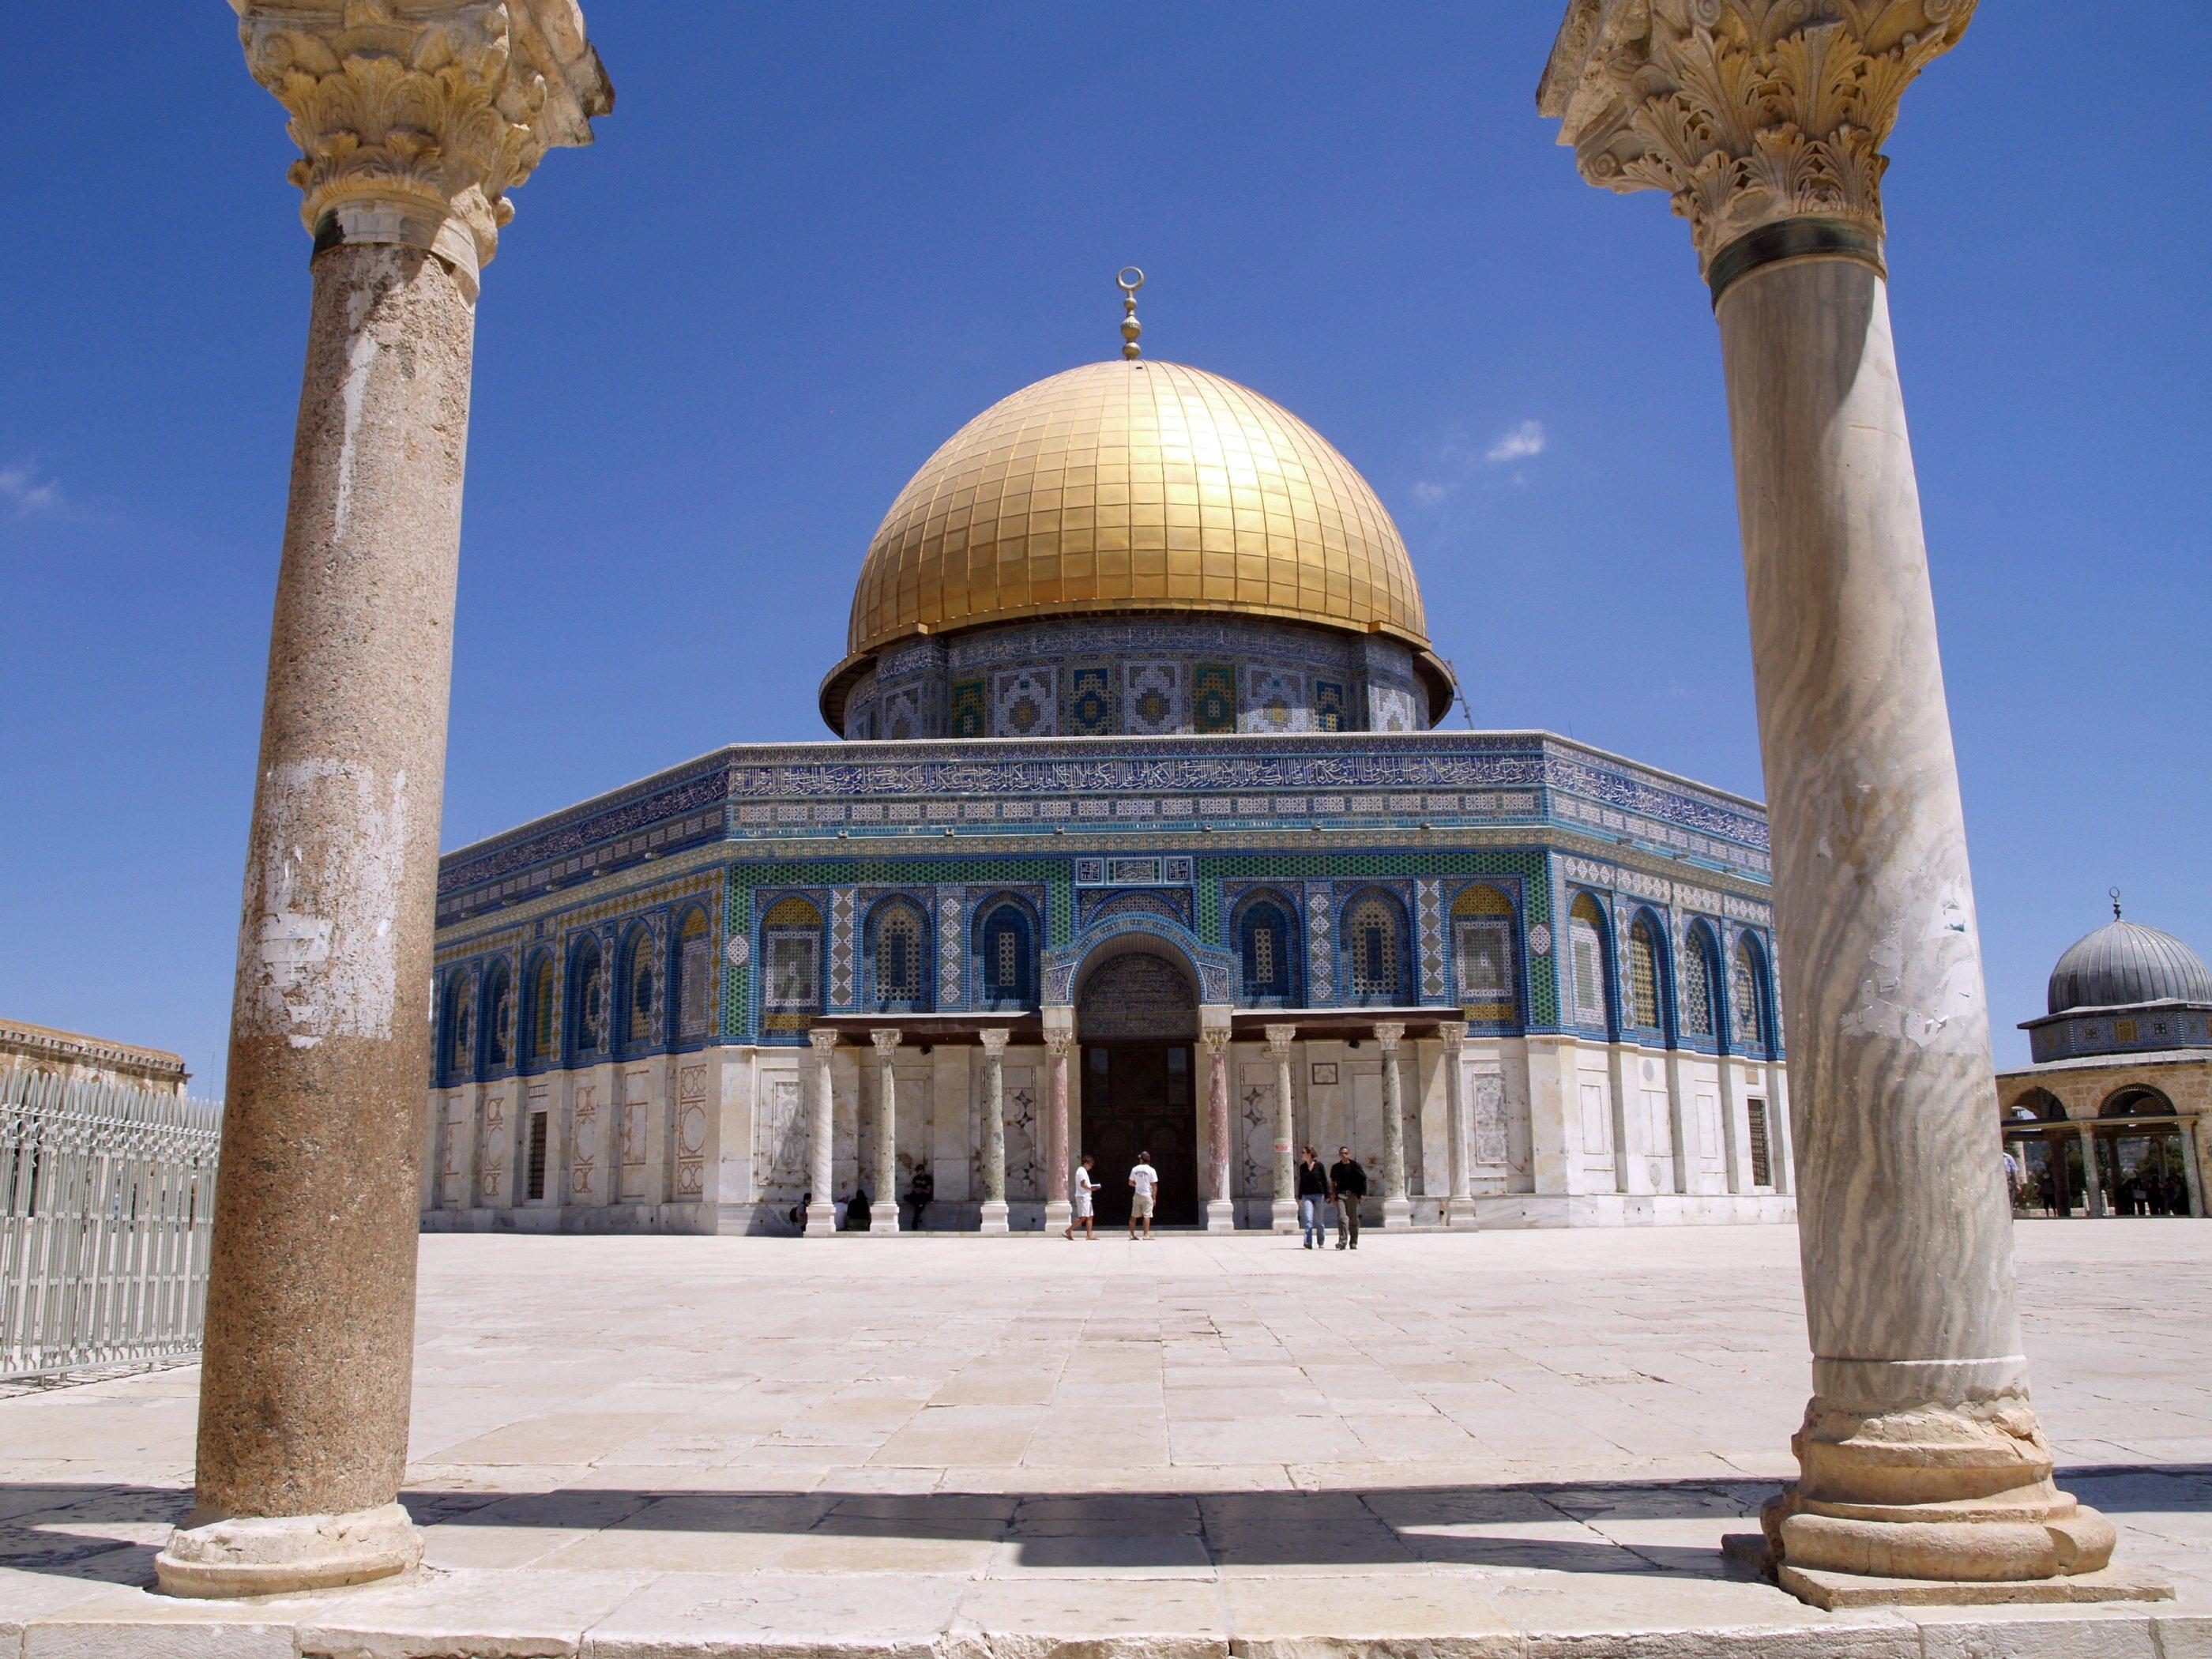 святыня Ислама - Куббат